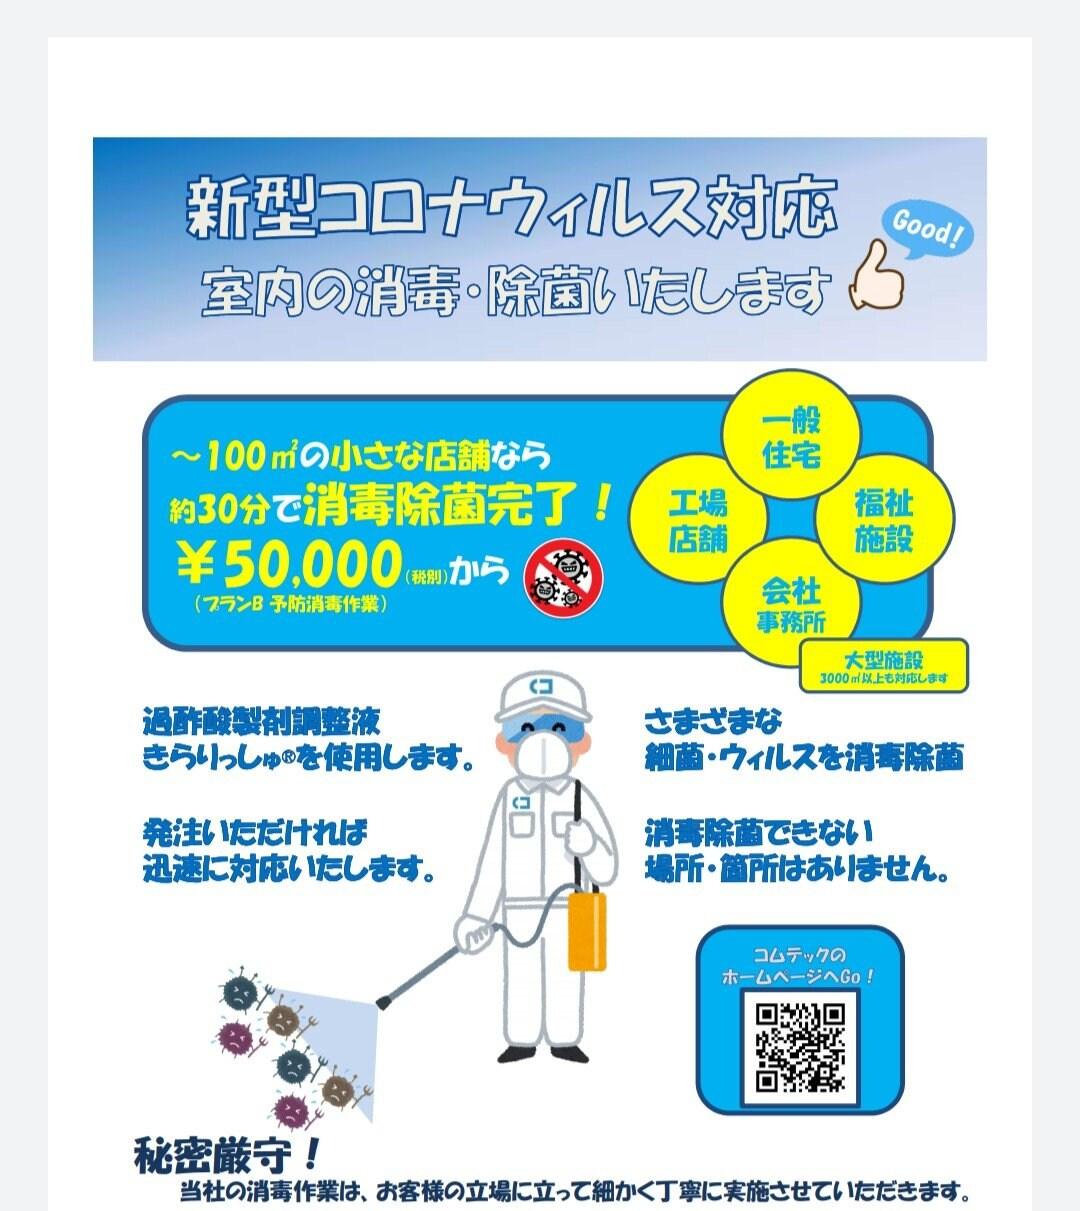 【新型コロナウイルス対応】予防消毒作業のイメージその1